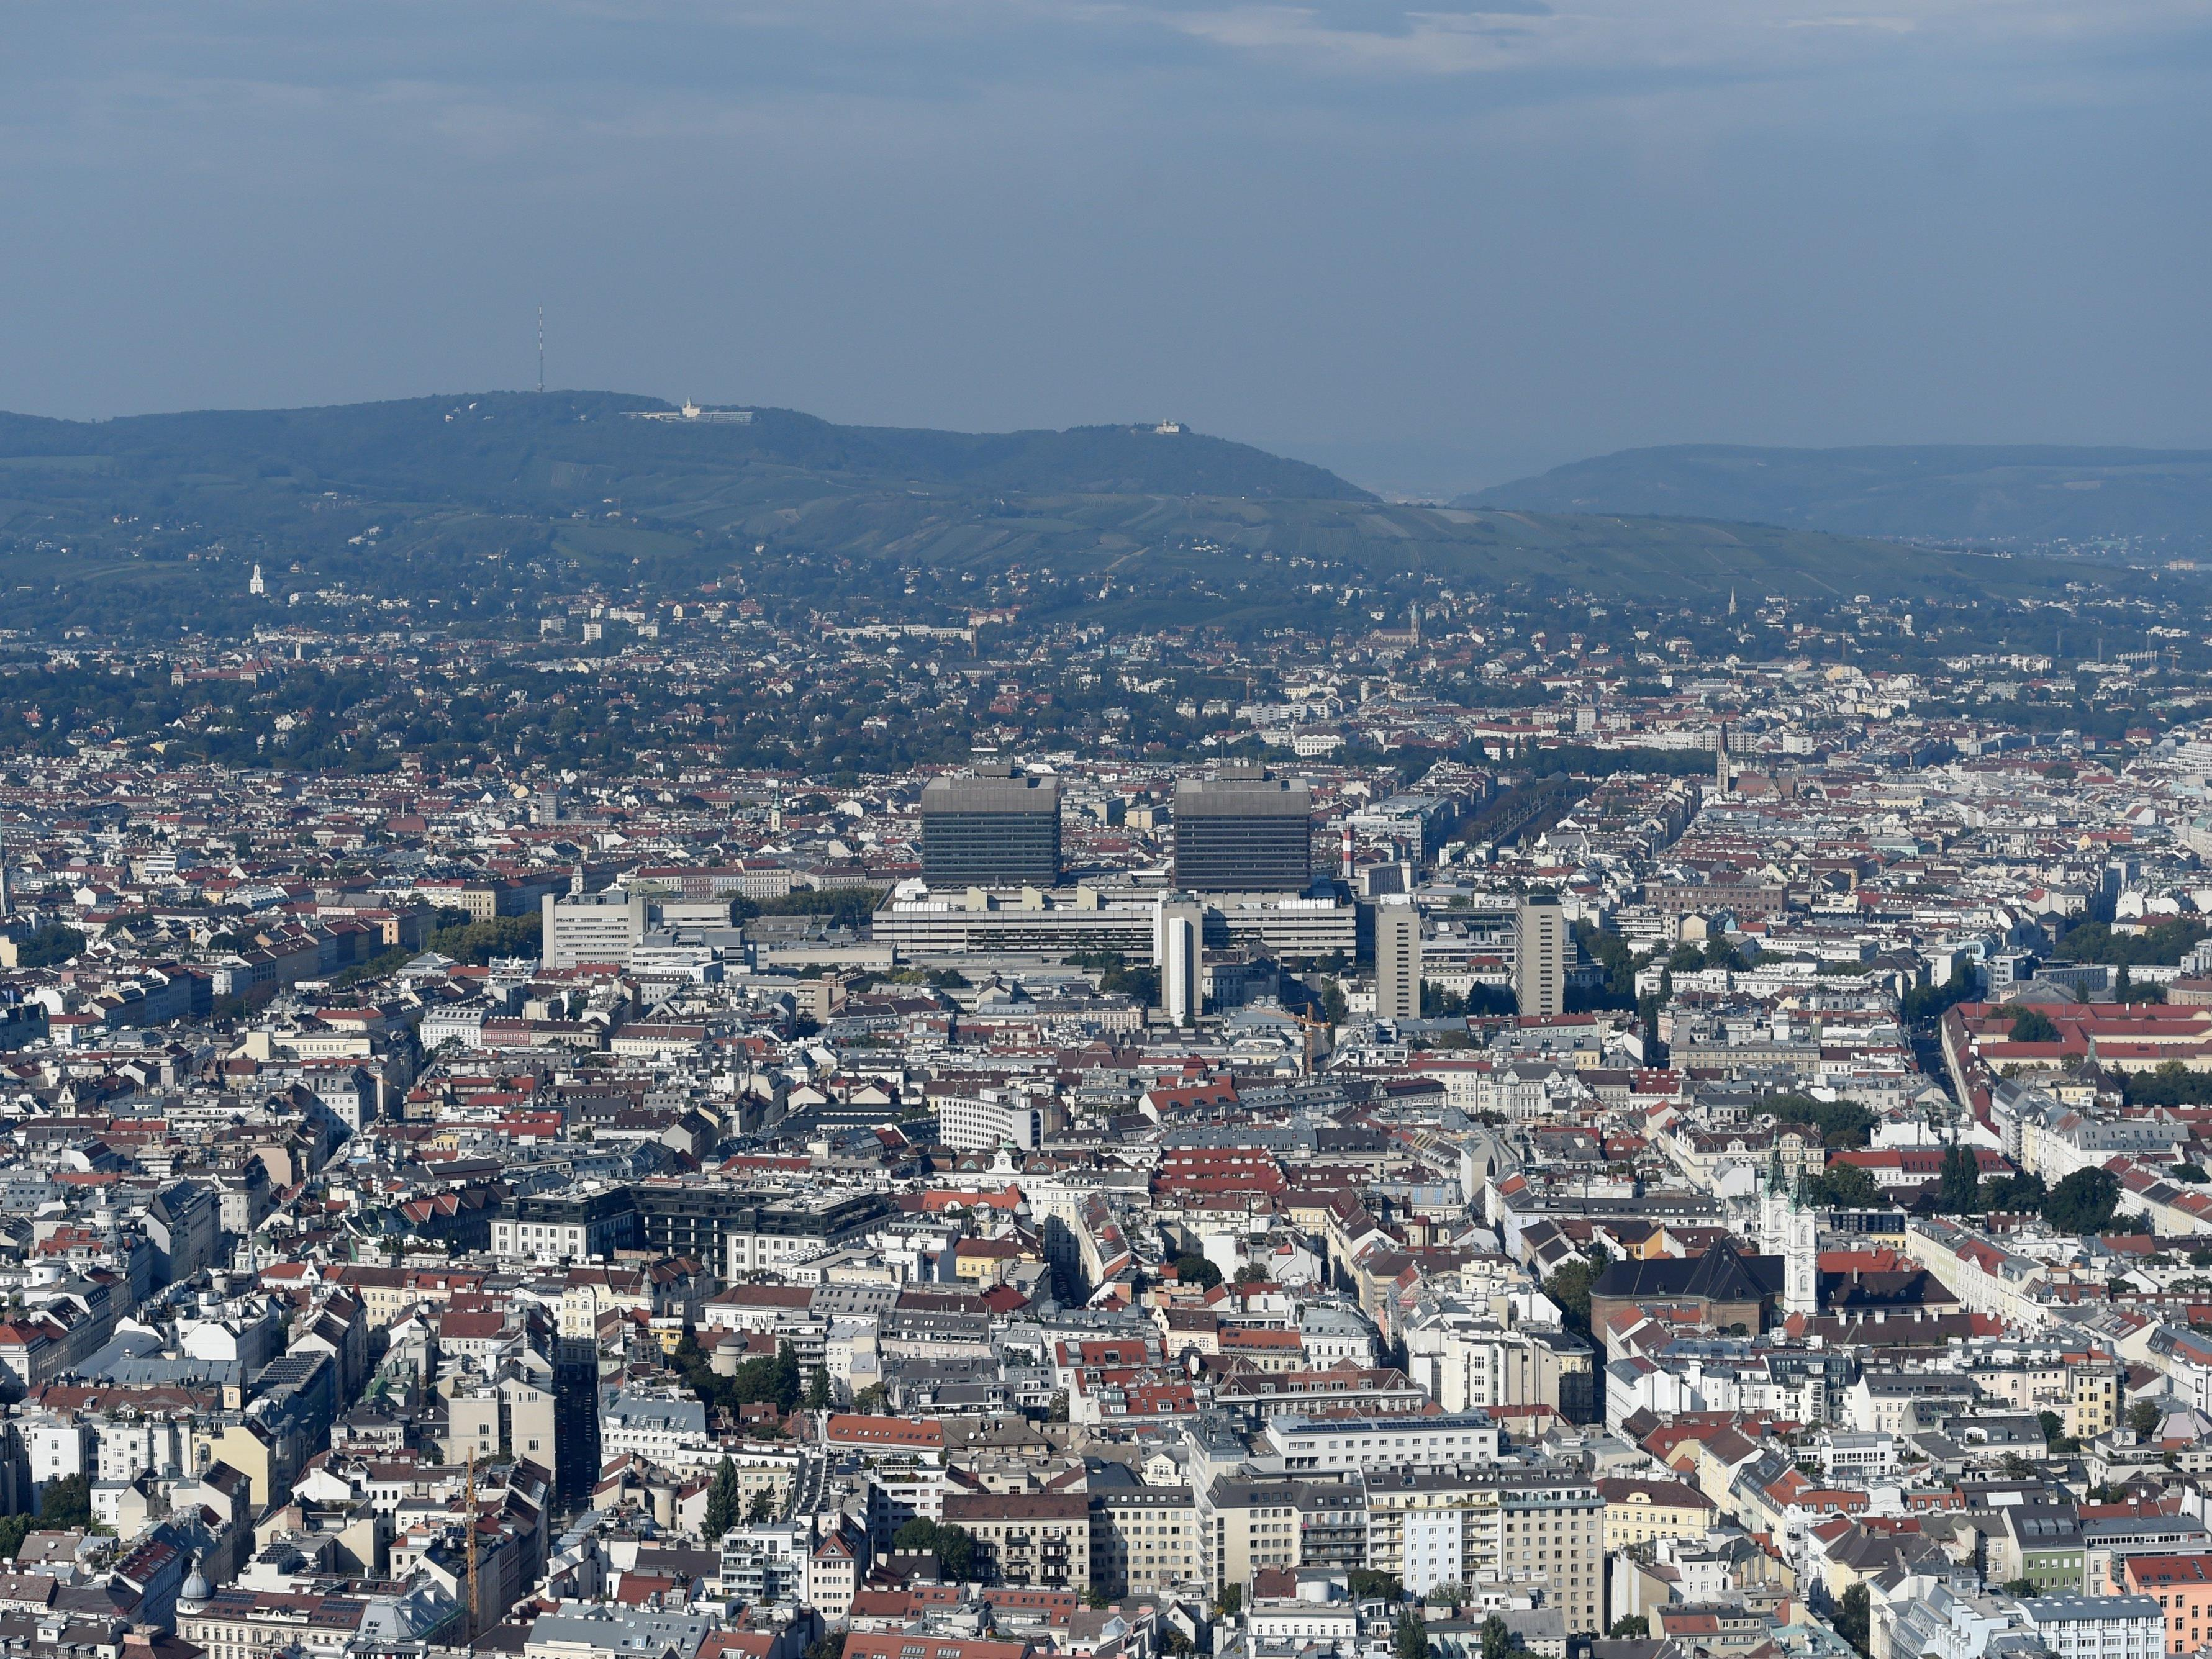 Die Stadt Wien setzt weiterhin auf die Eurocomm-PR in Sachen Auslandskommunikation.